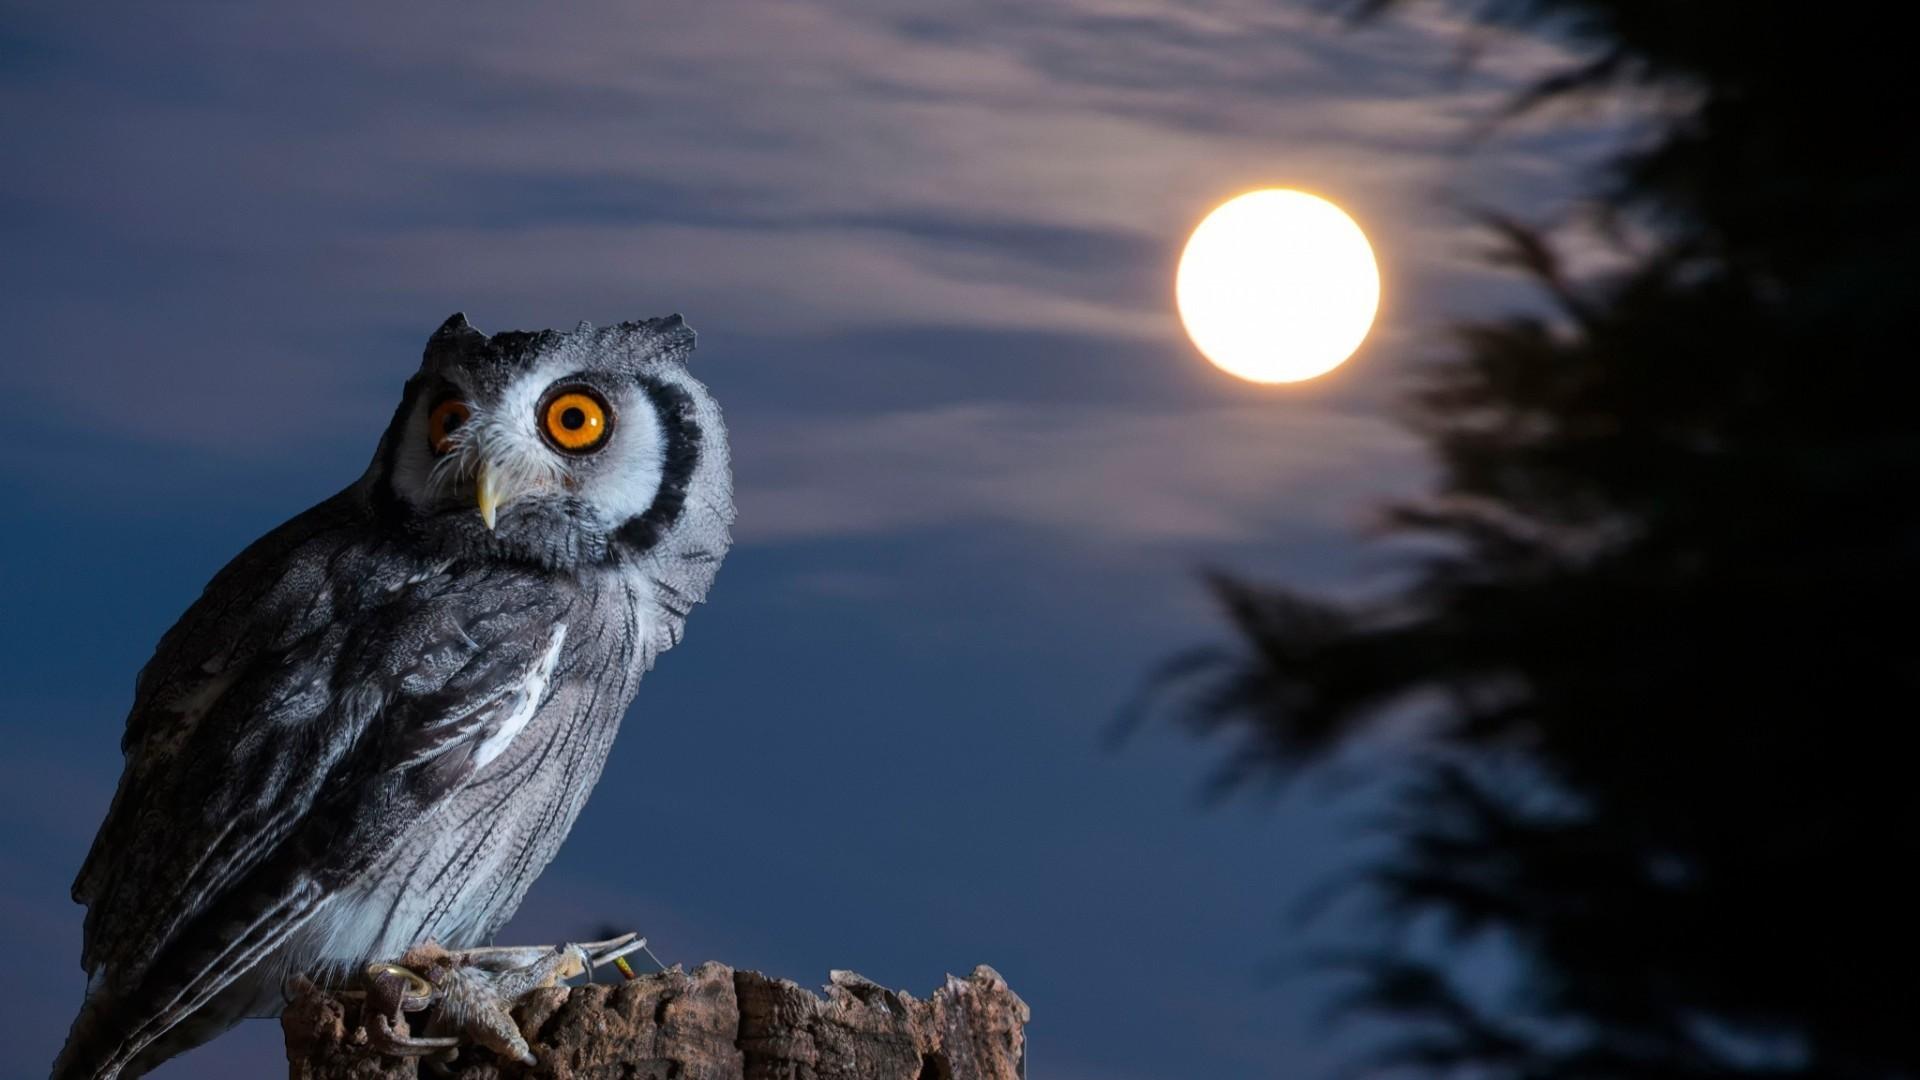 Owl Desktop Wallpaper 78 Pictures